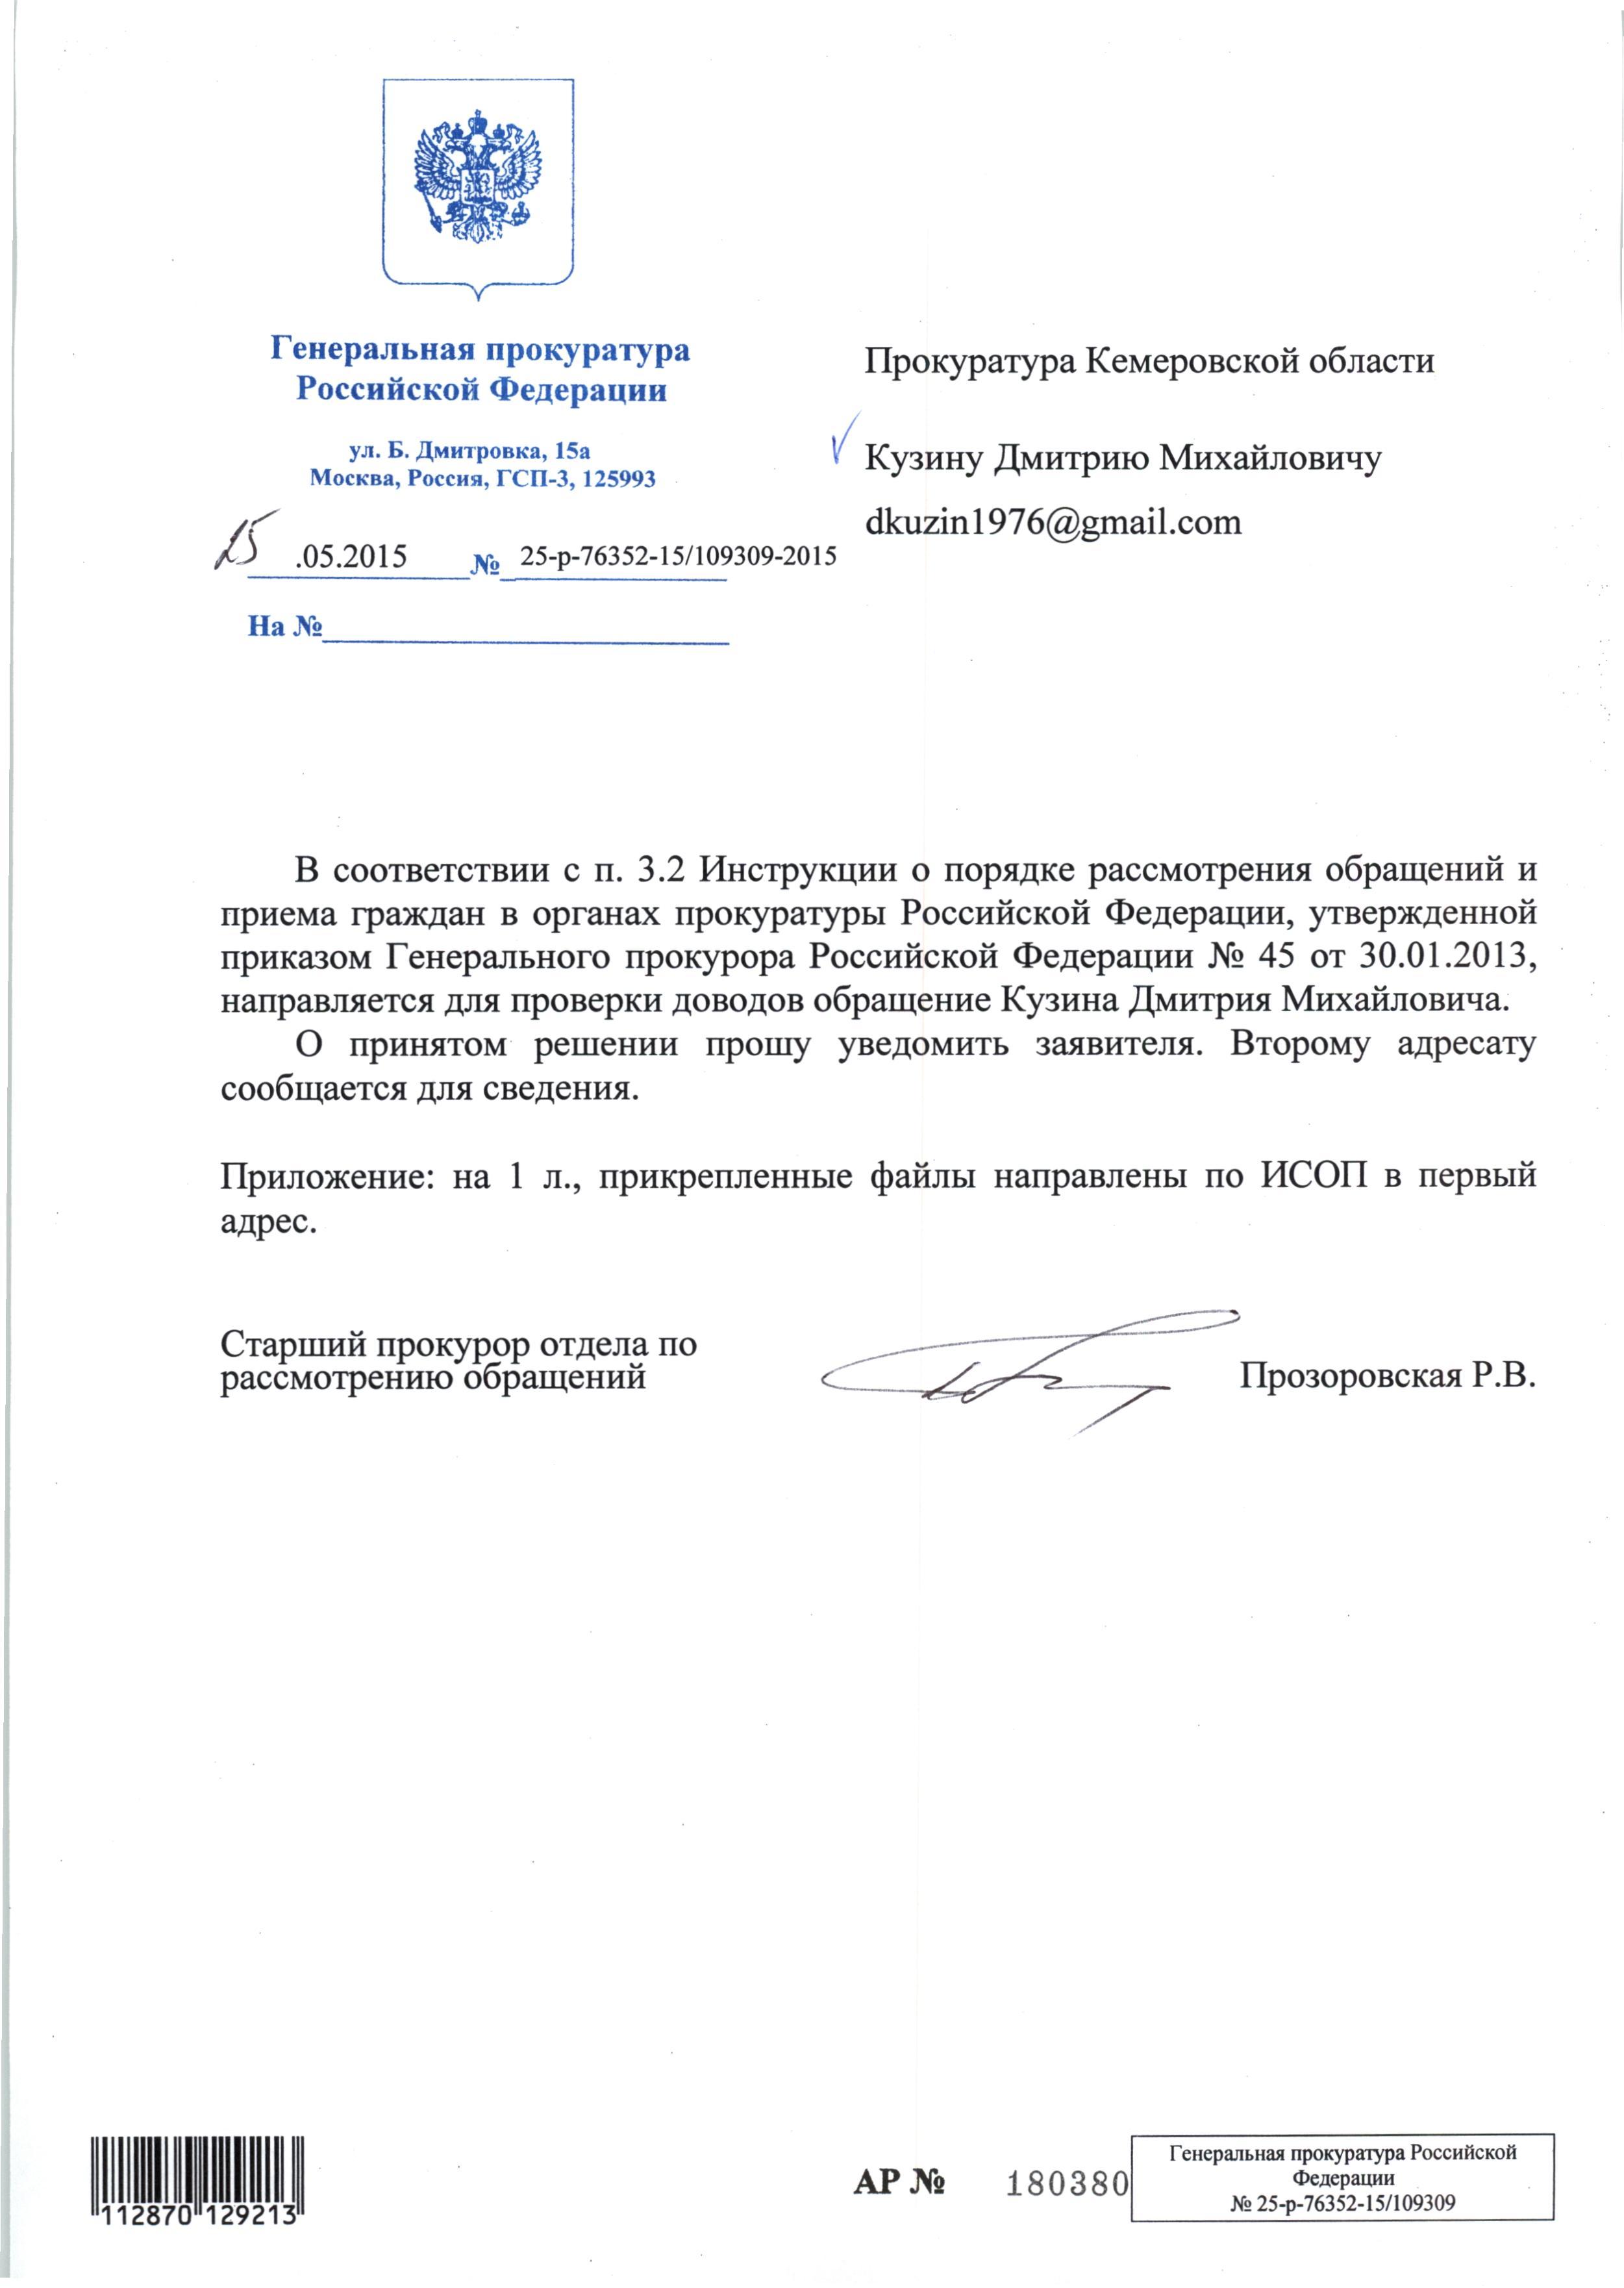 Кузин ДМ(1)